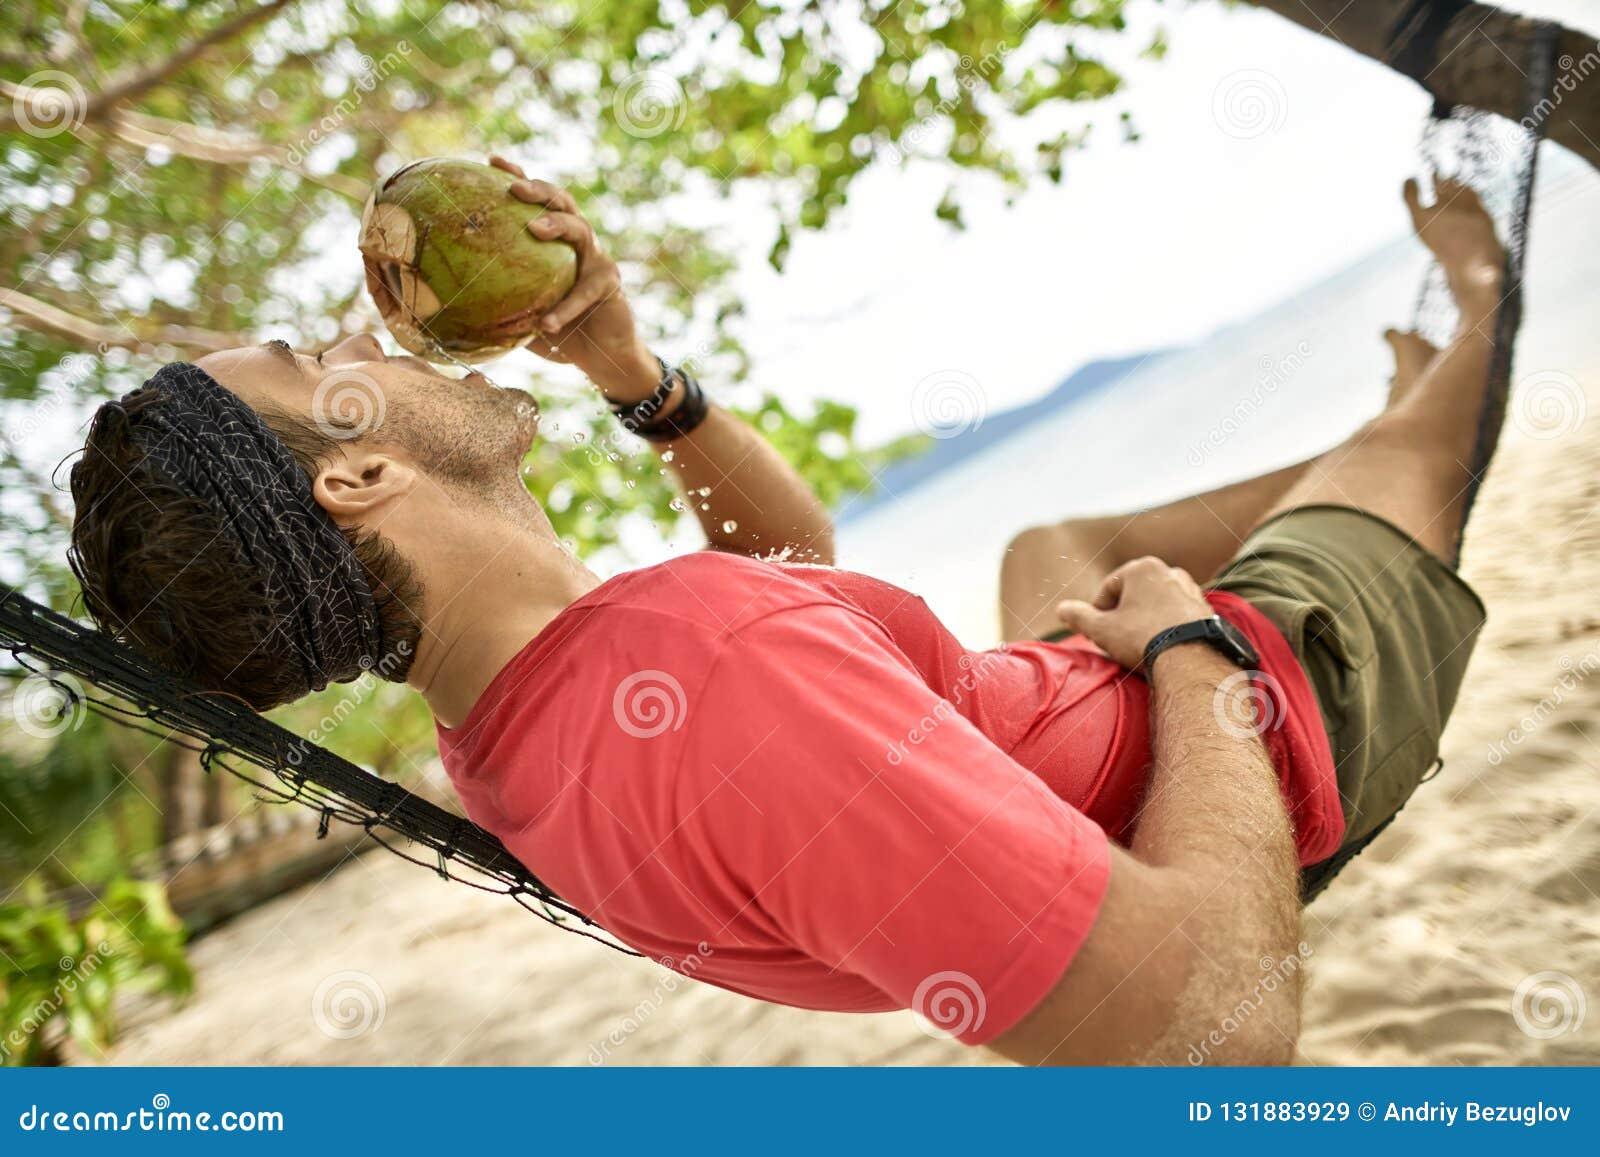 L uomo con stoppia sta bevendo dalla noce di cocco sull amaca sulla spiaggia di sabbia